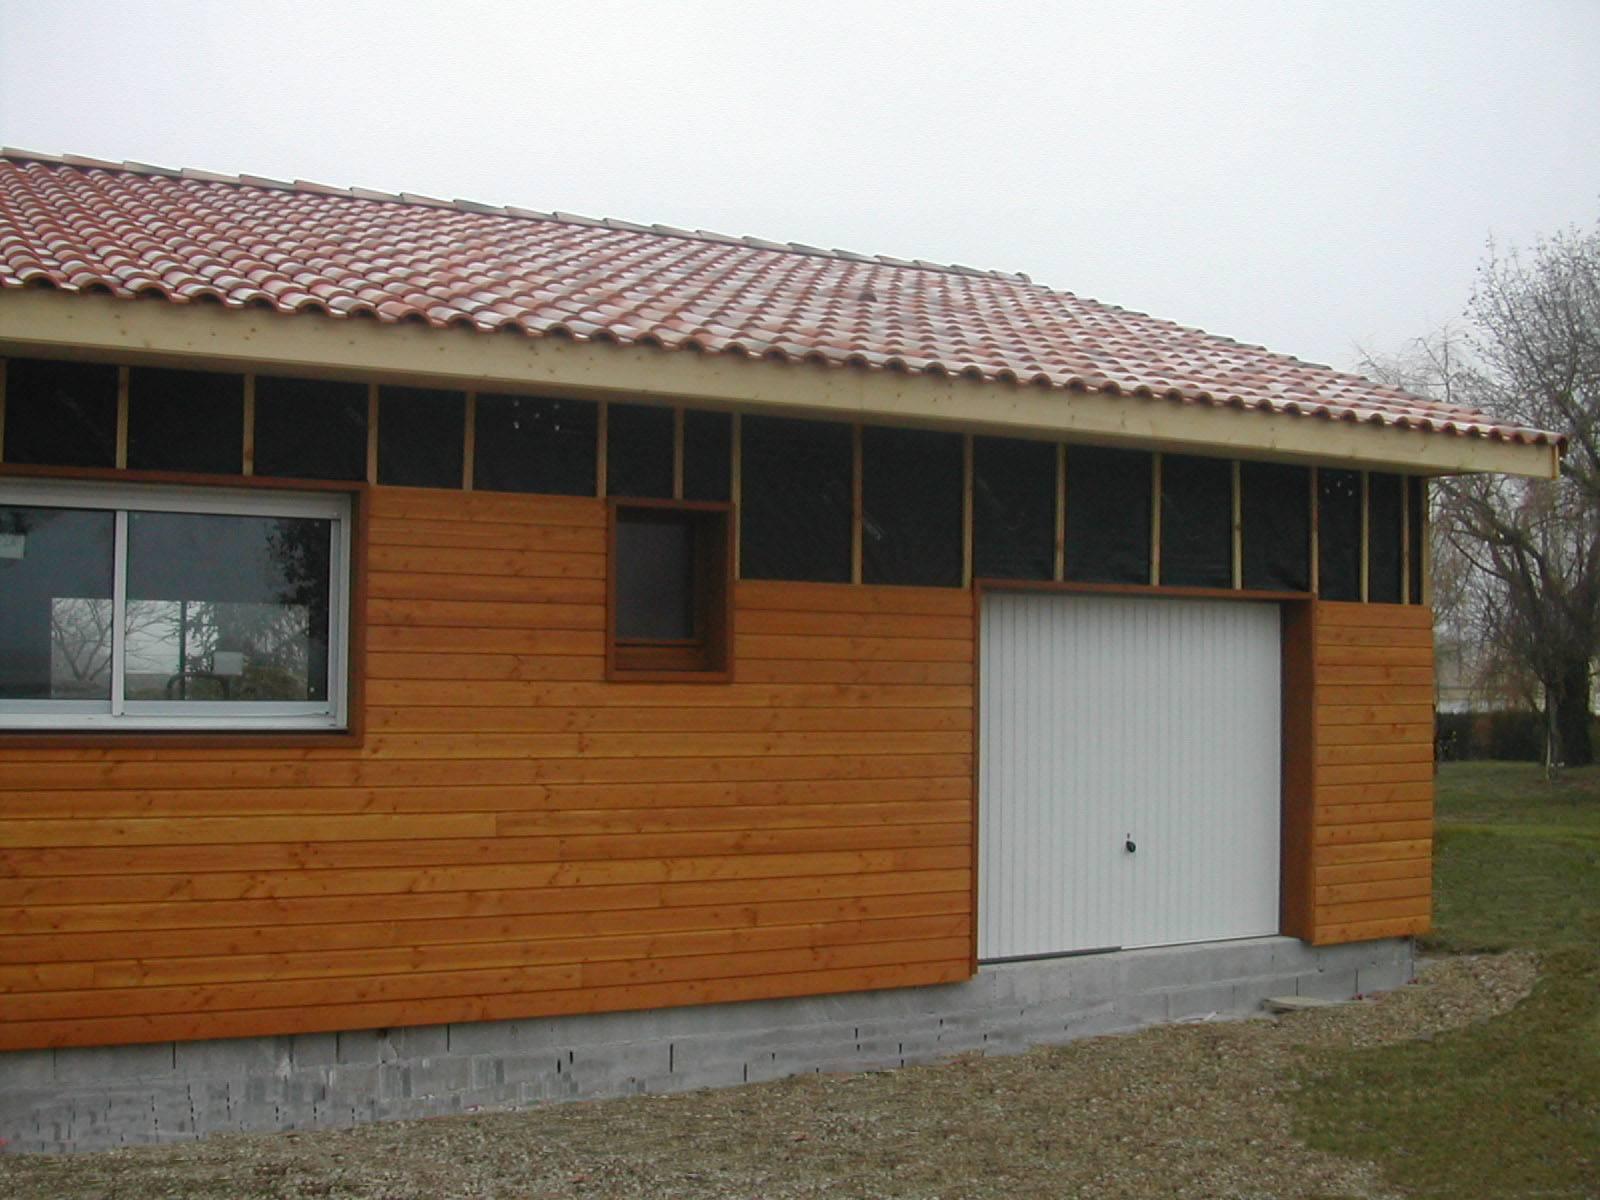 acheter sa maison bois en kit près de montauban dans le tarn et